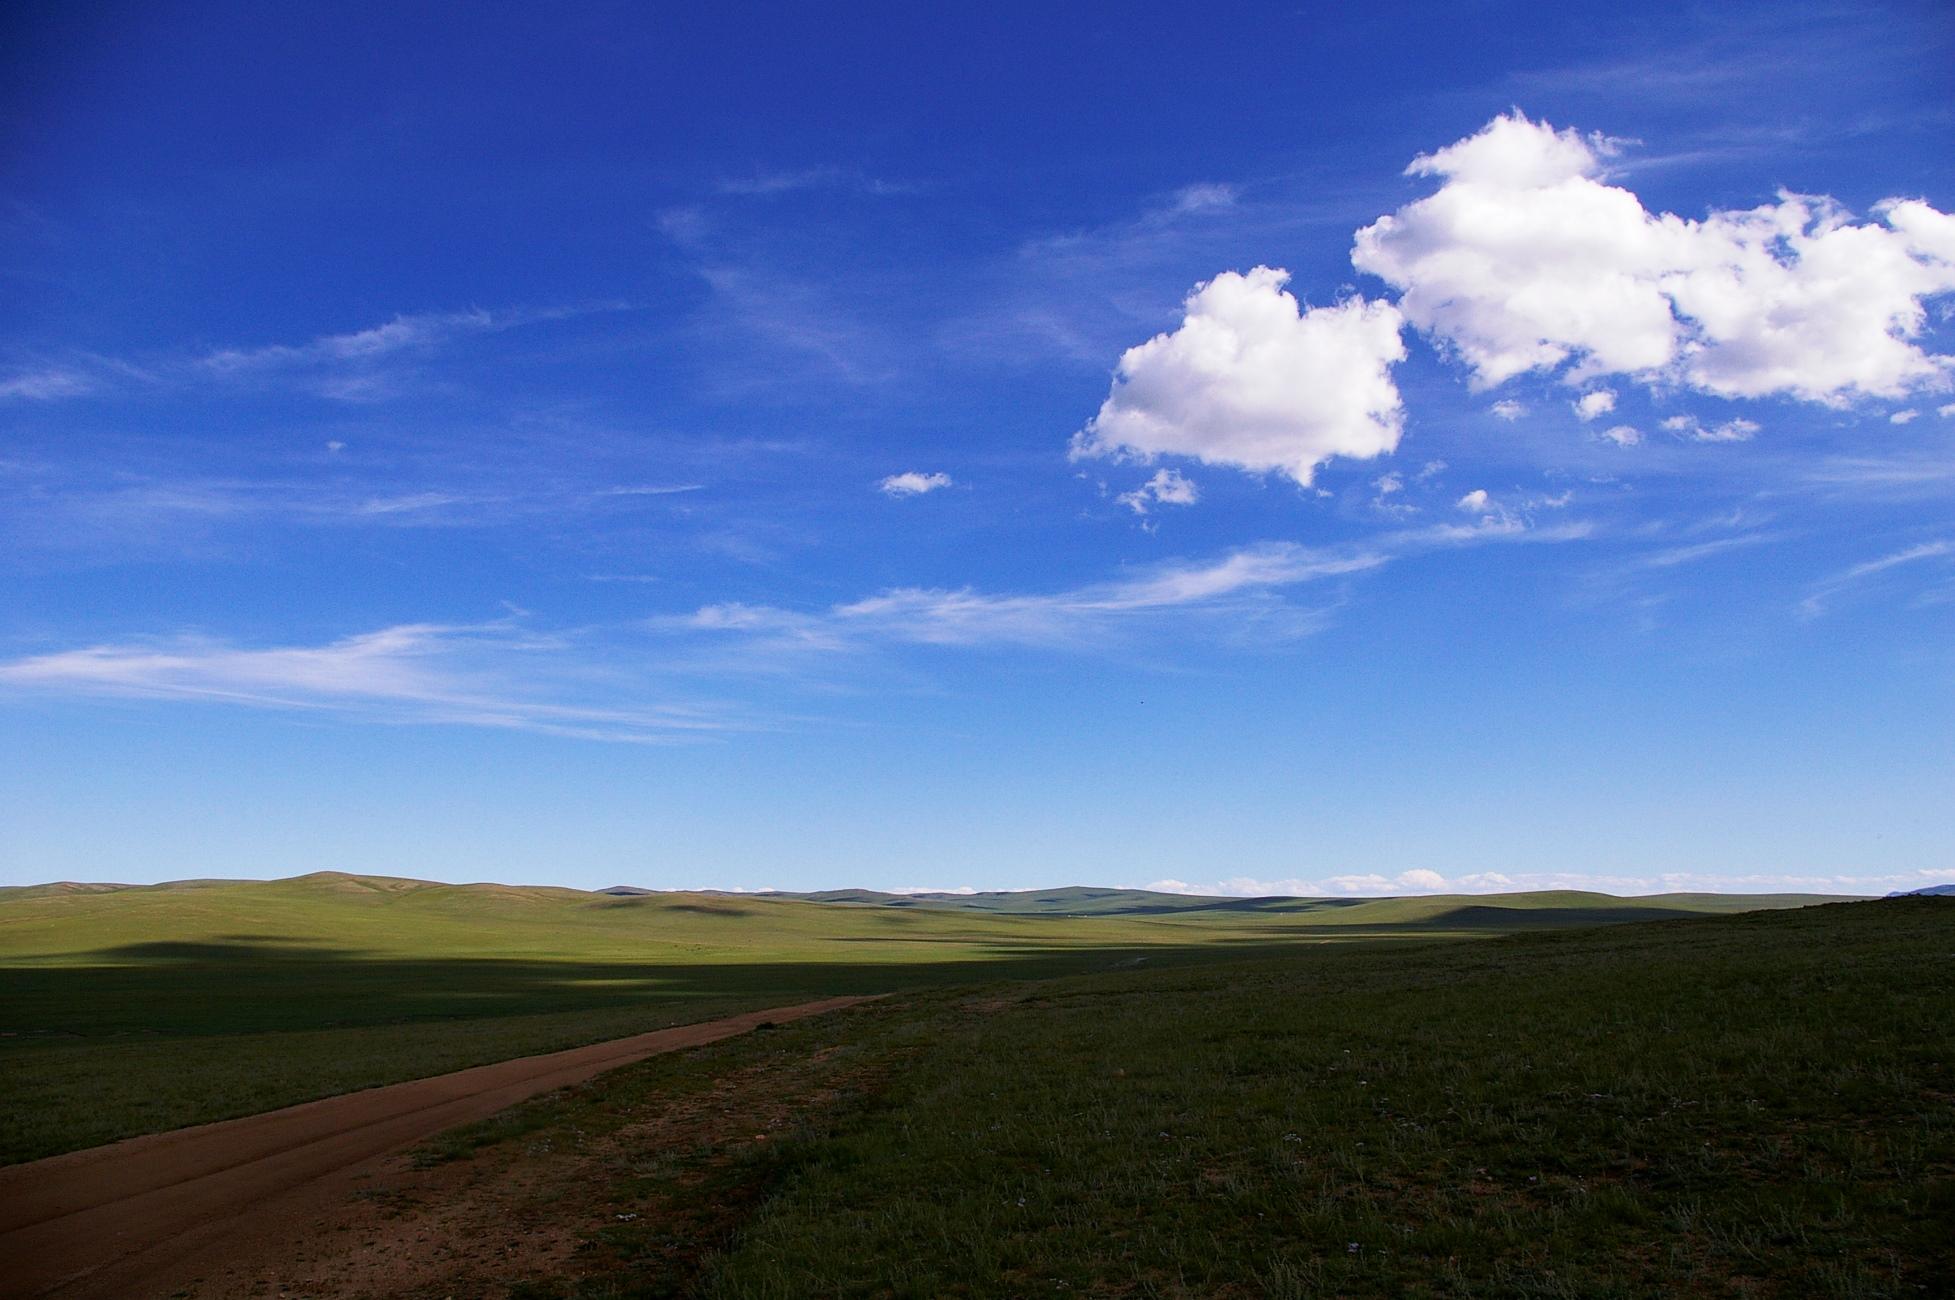 青い空、白い雲、広大な景観が広がるモンゴル大草原